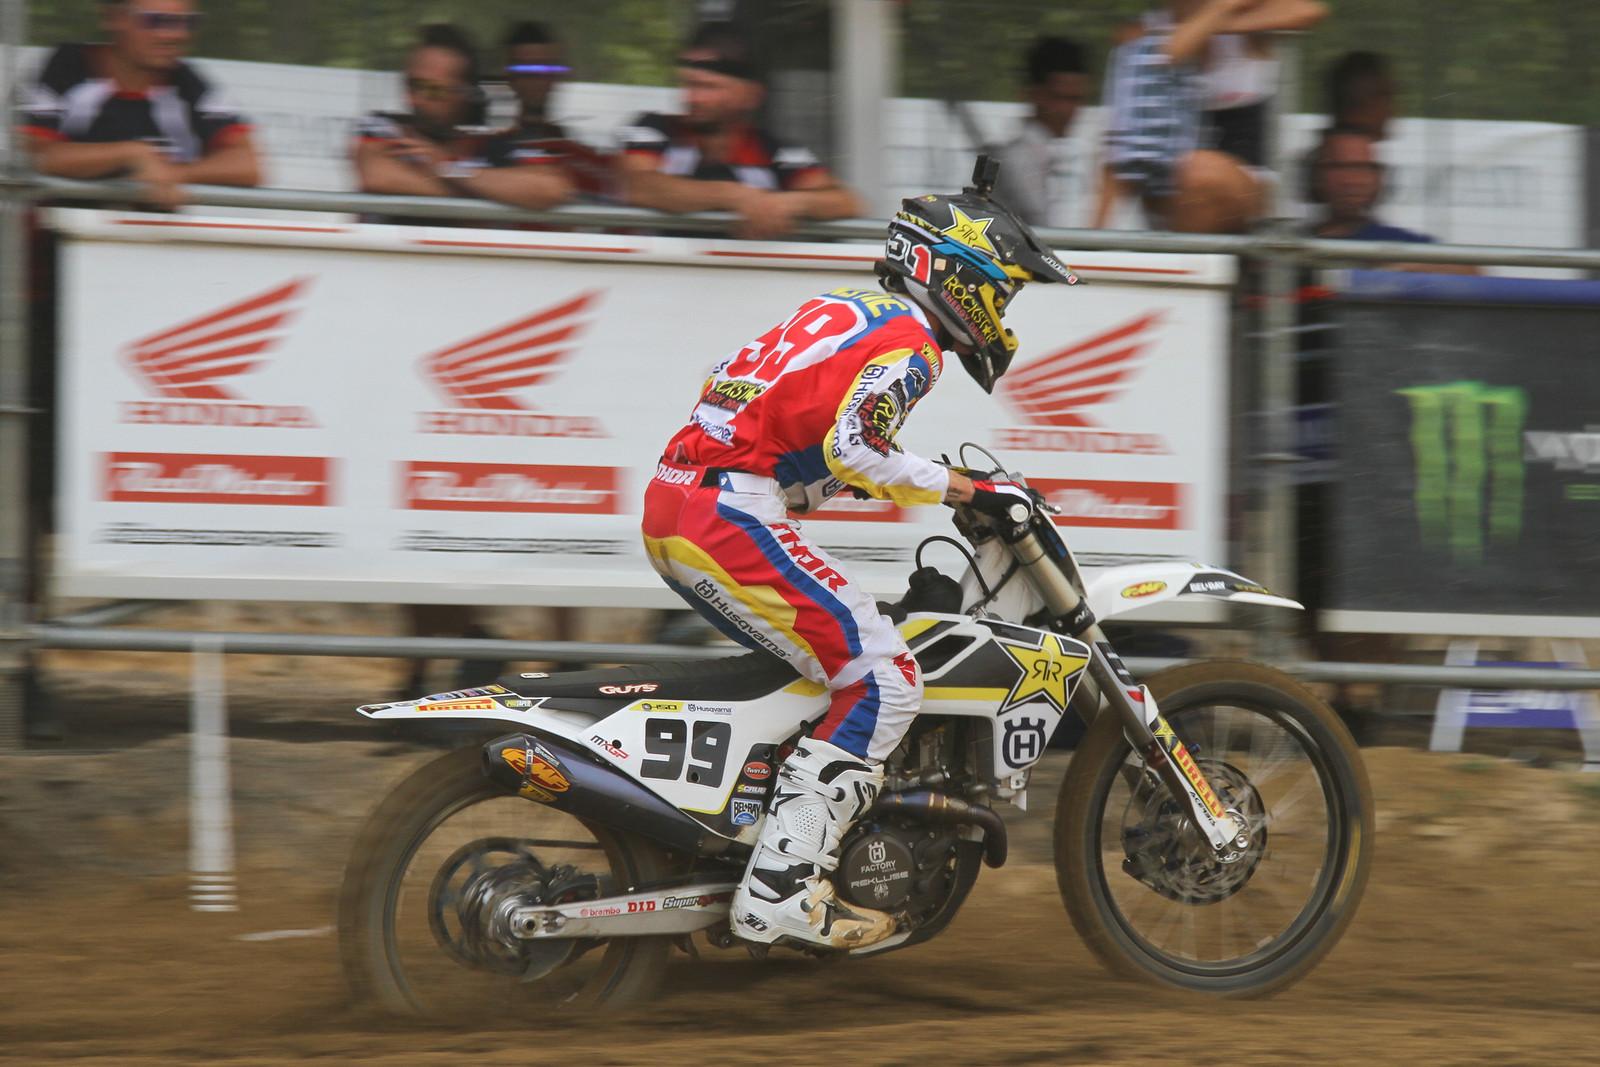 Max Anstie - ayearinmx - Motocross Pictures - Vital MX